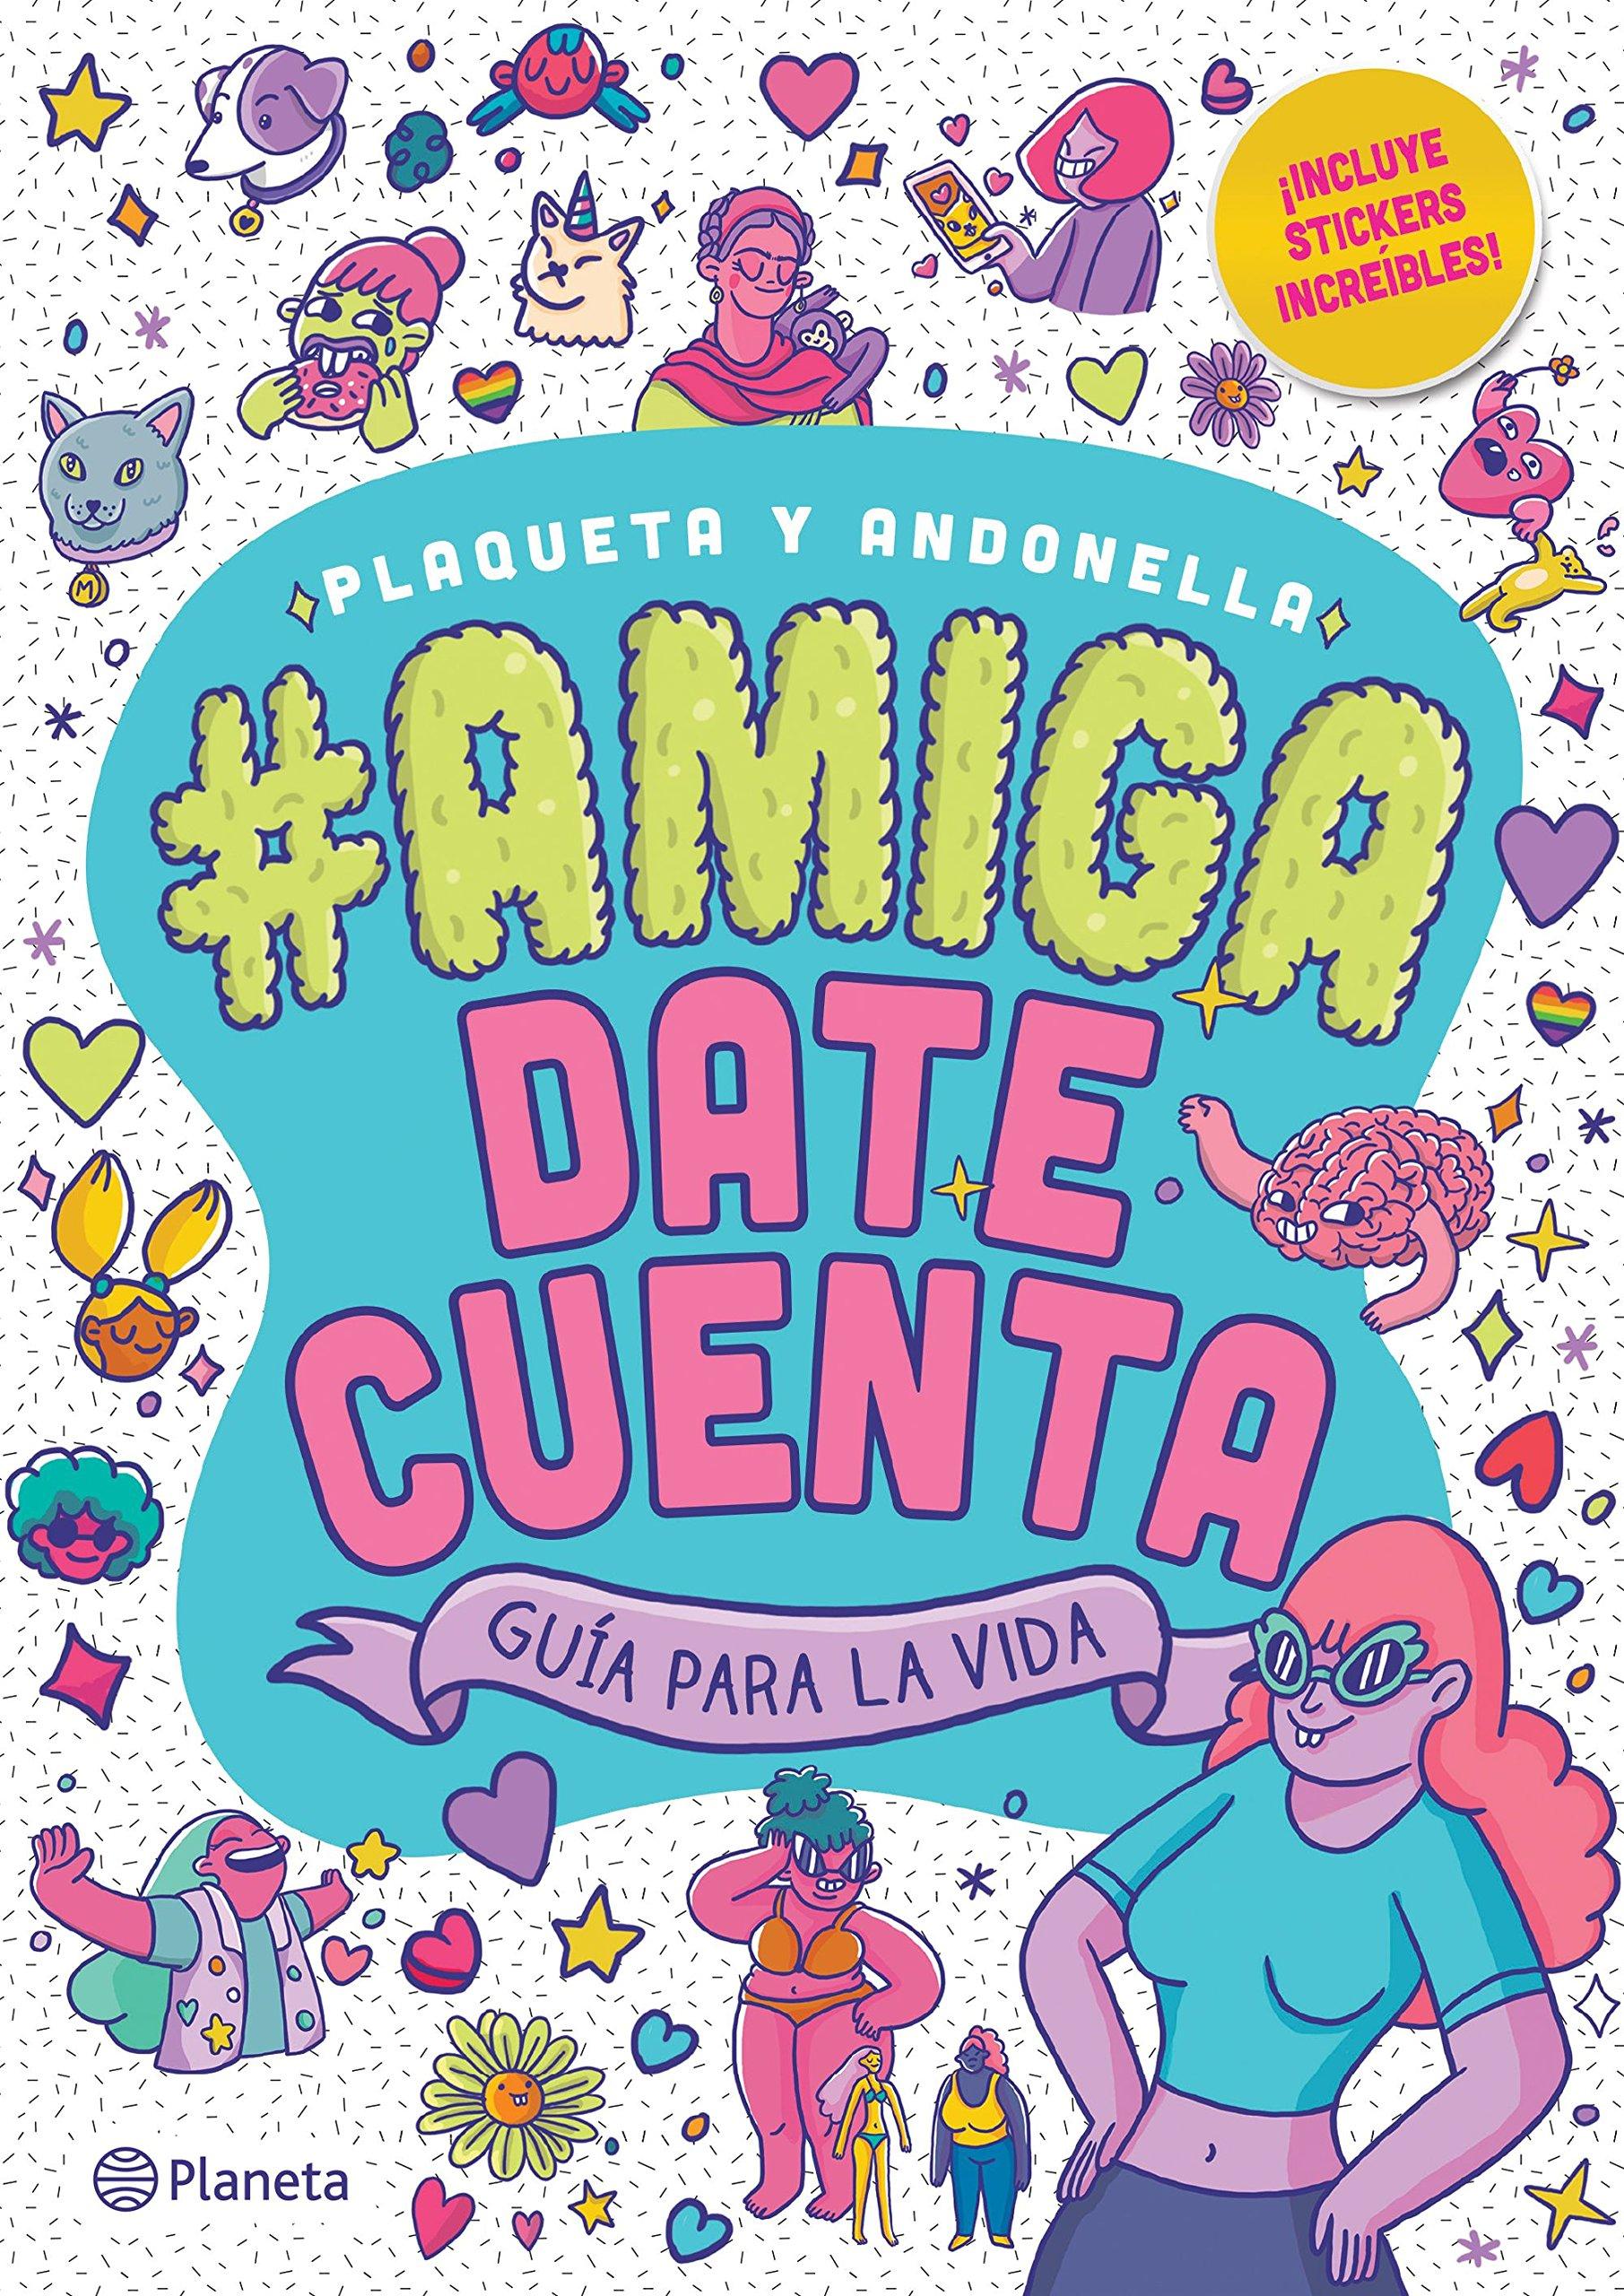 amigadatecuenta: Amazon.es: Andonella, Andonella, Plaqueta ...